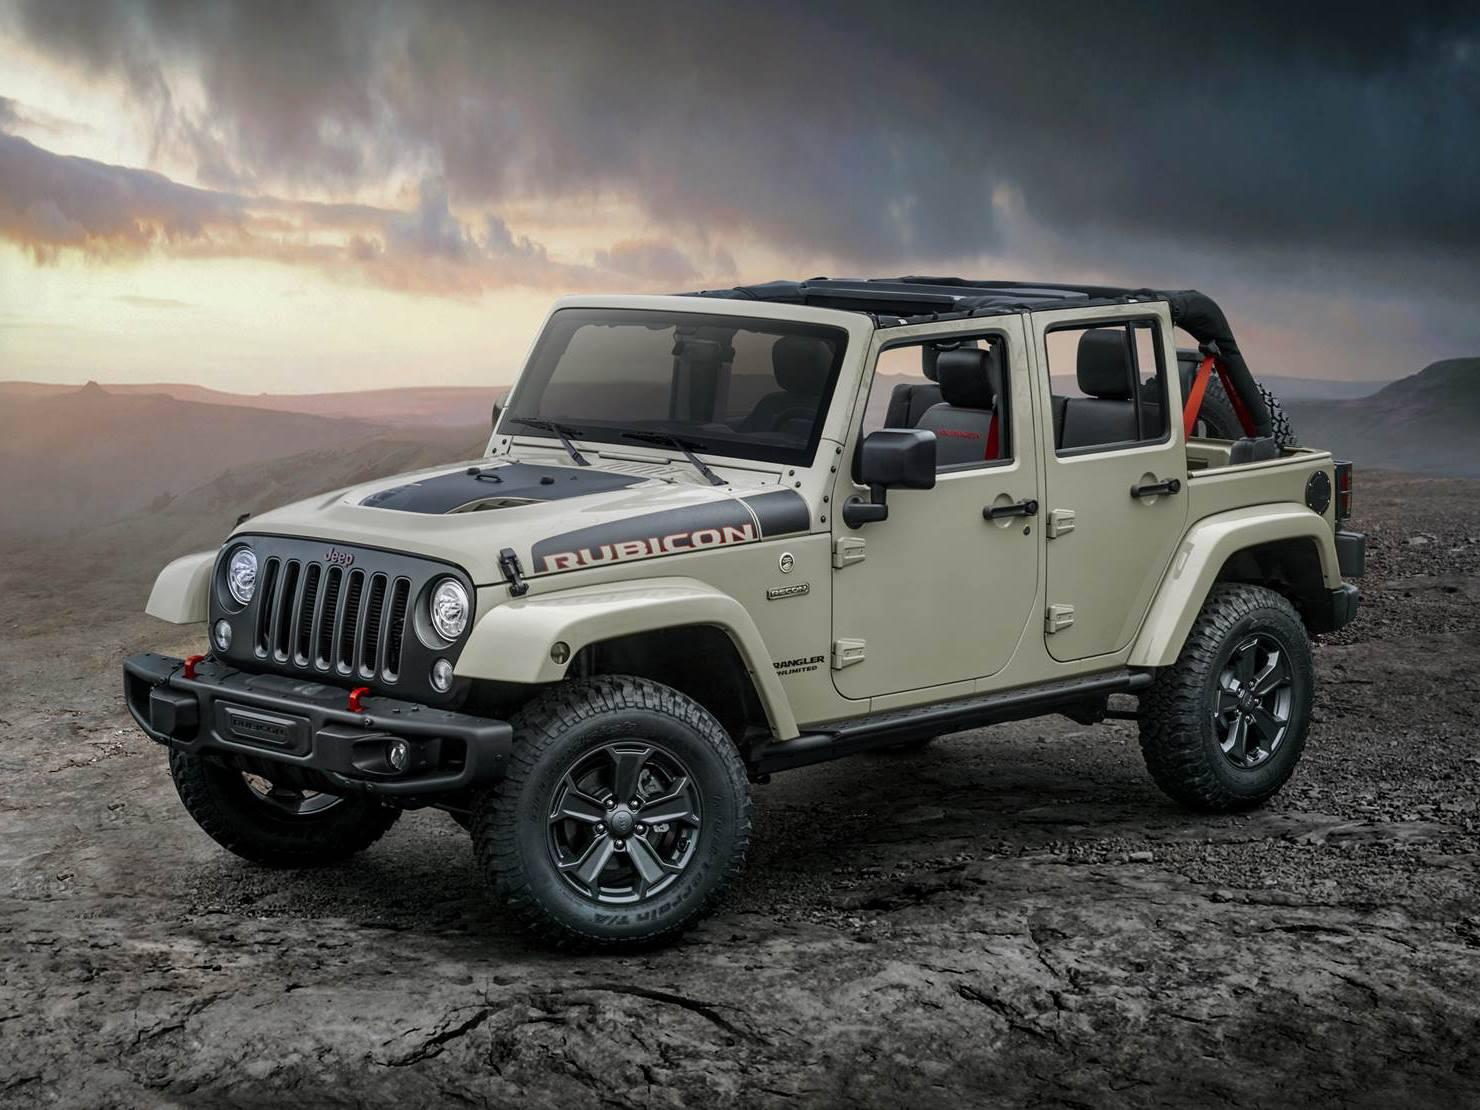 Kineski Great Wall želi da kupi Jeep